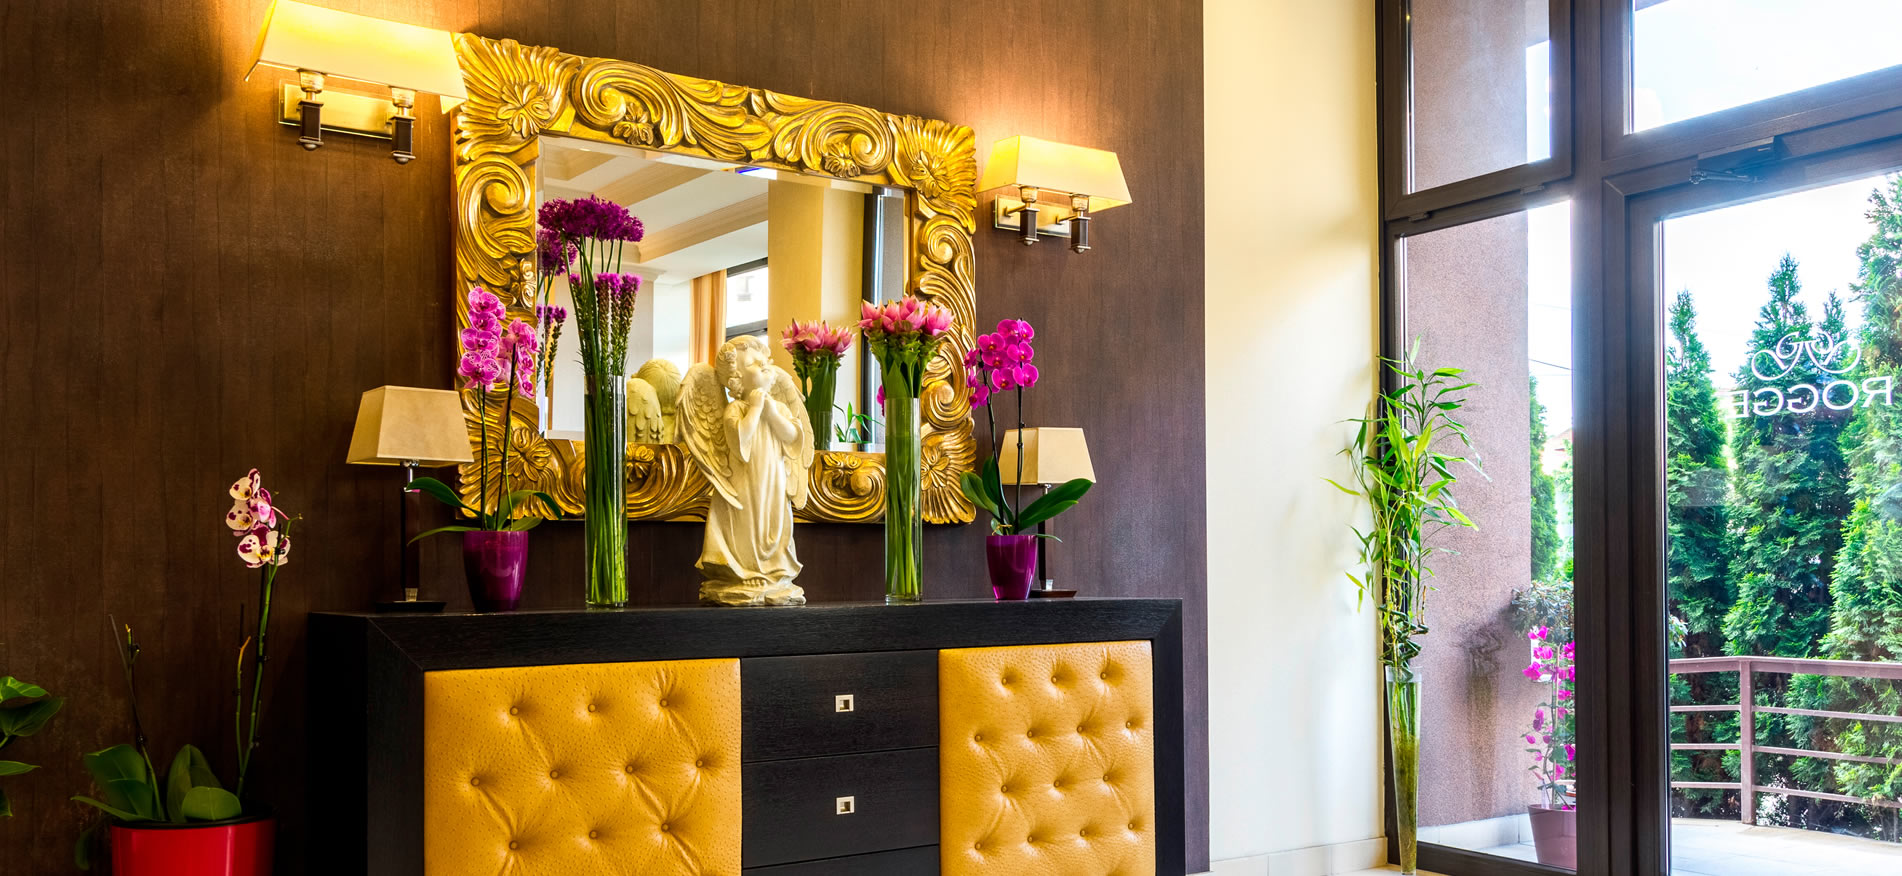 Cazare Hotel Resita  - Hotel Rogge